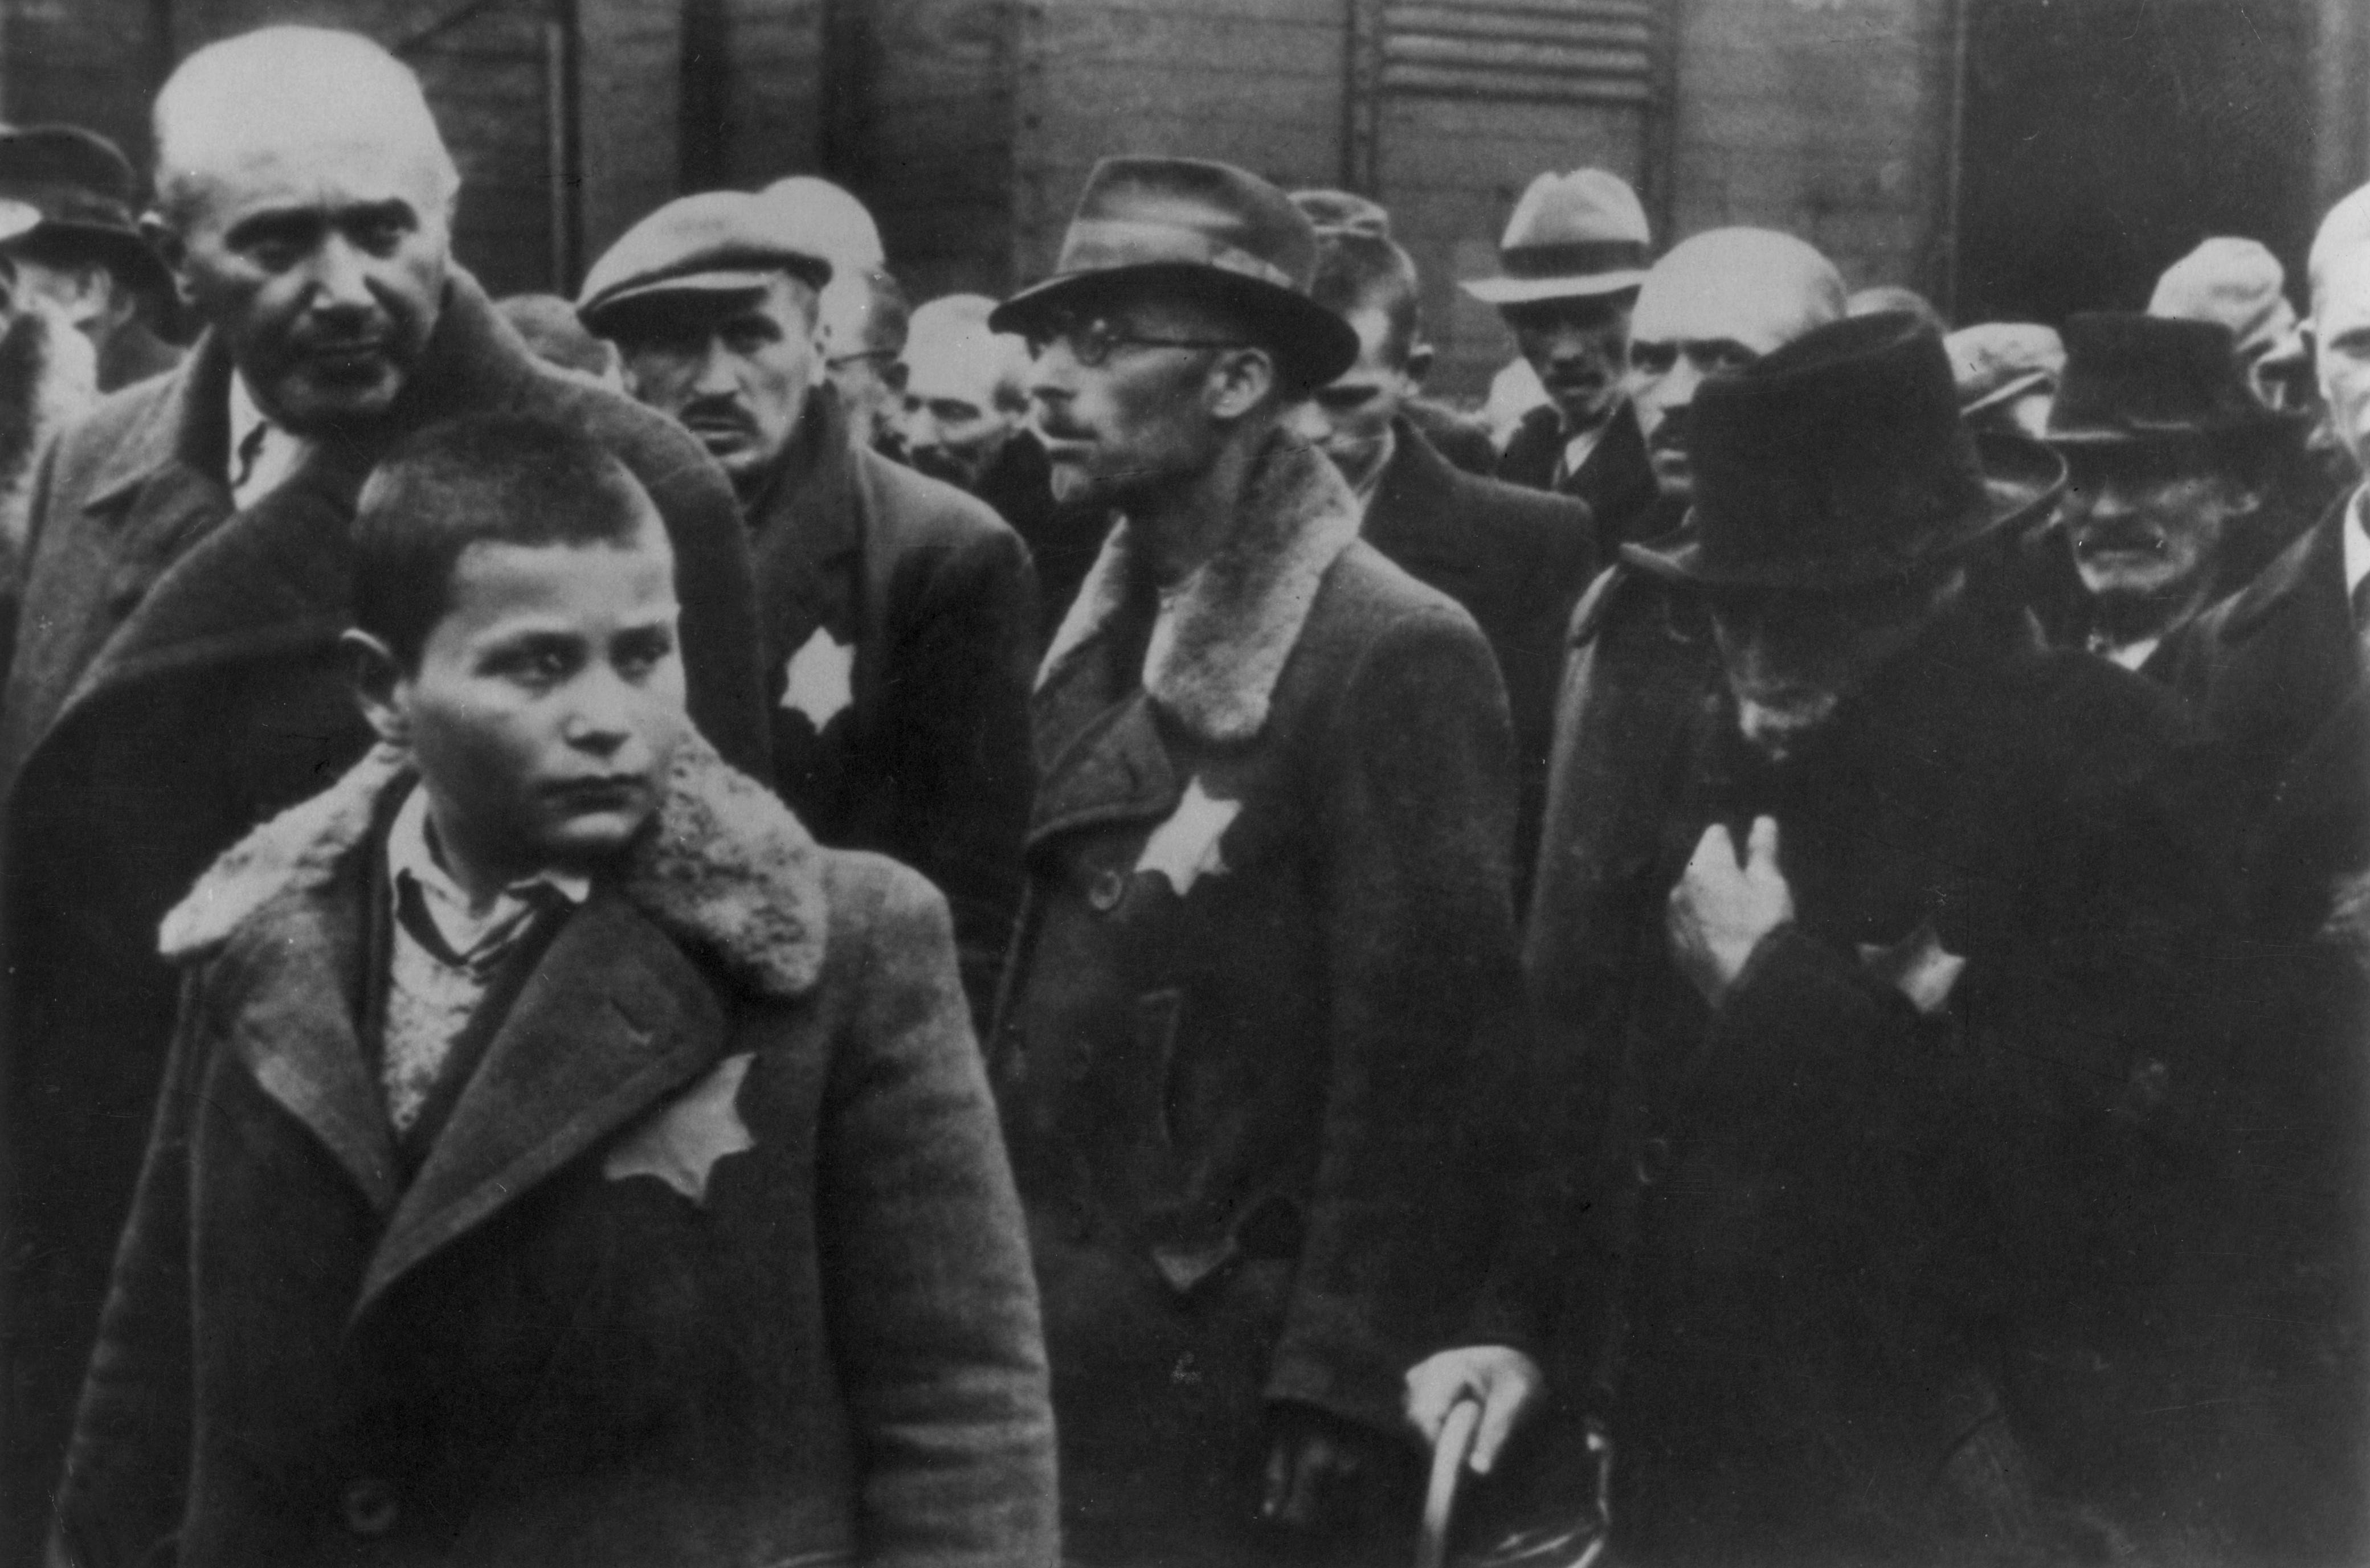 Judeus deportados, marcados com uma estrela amarela, chegam ao campo de concentração (Foto: getty)